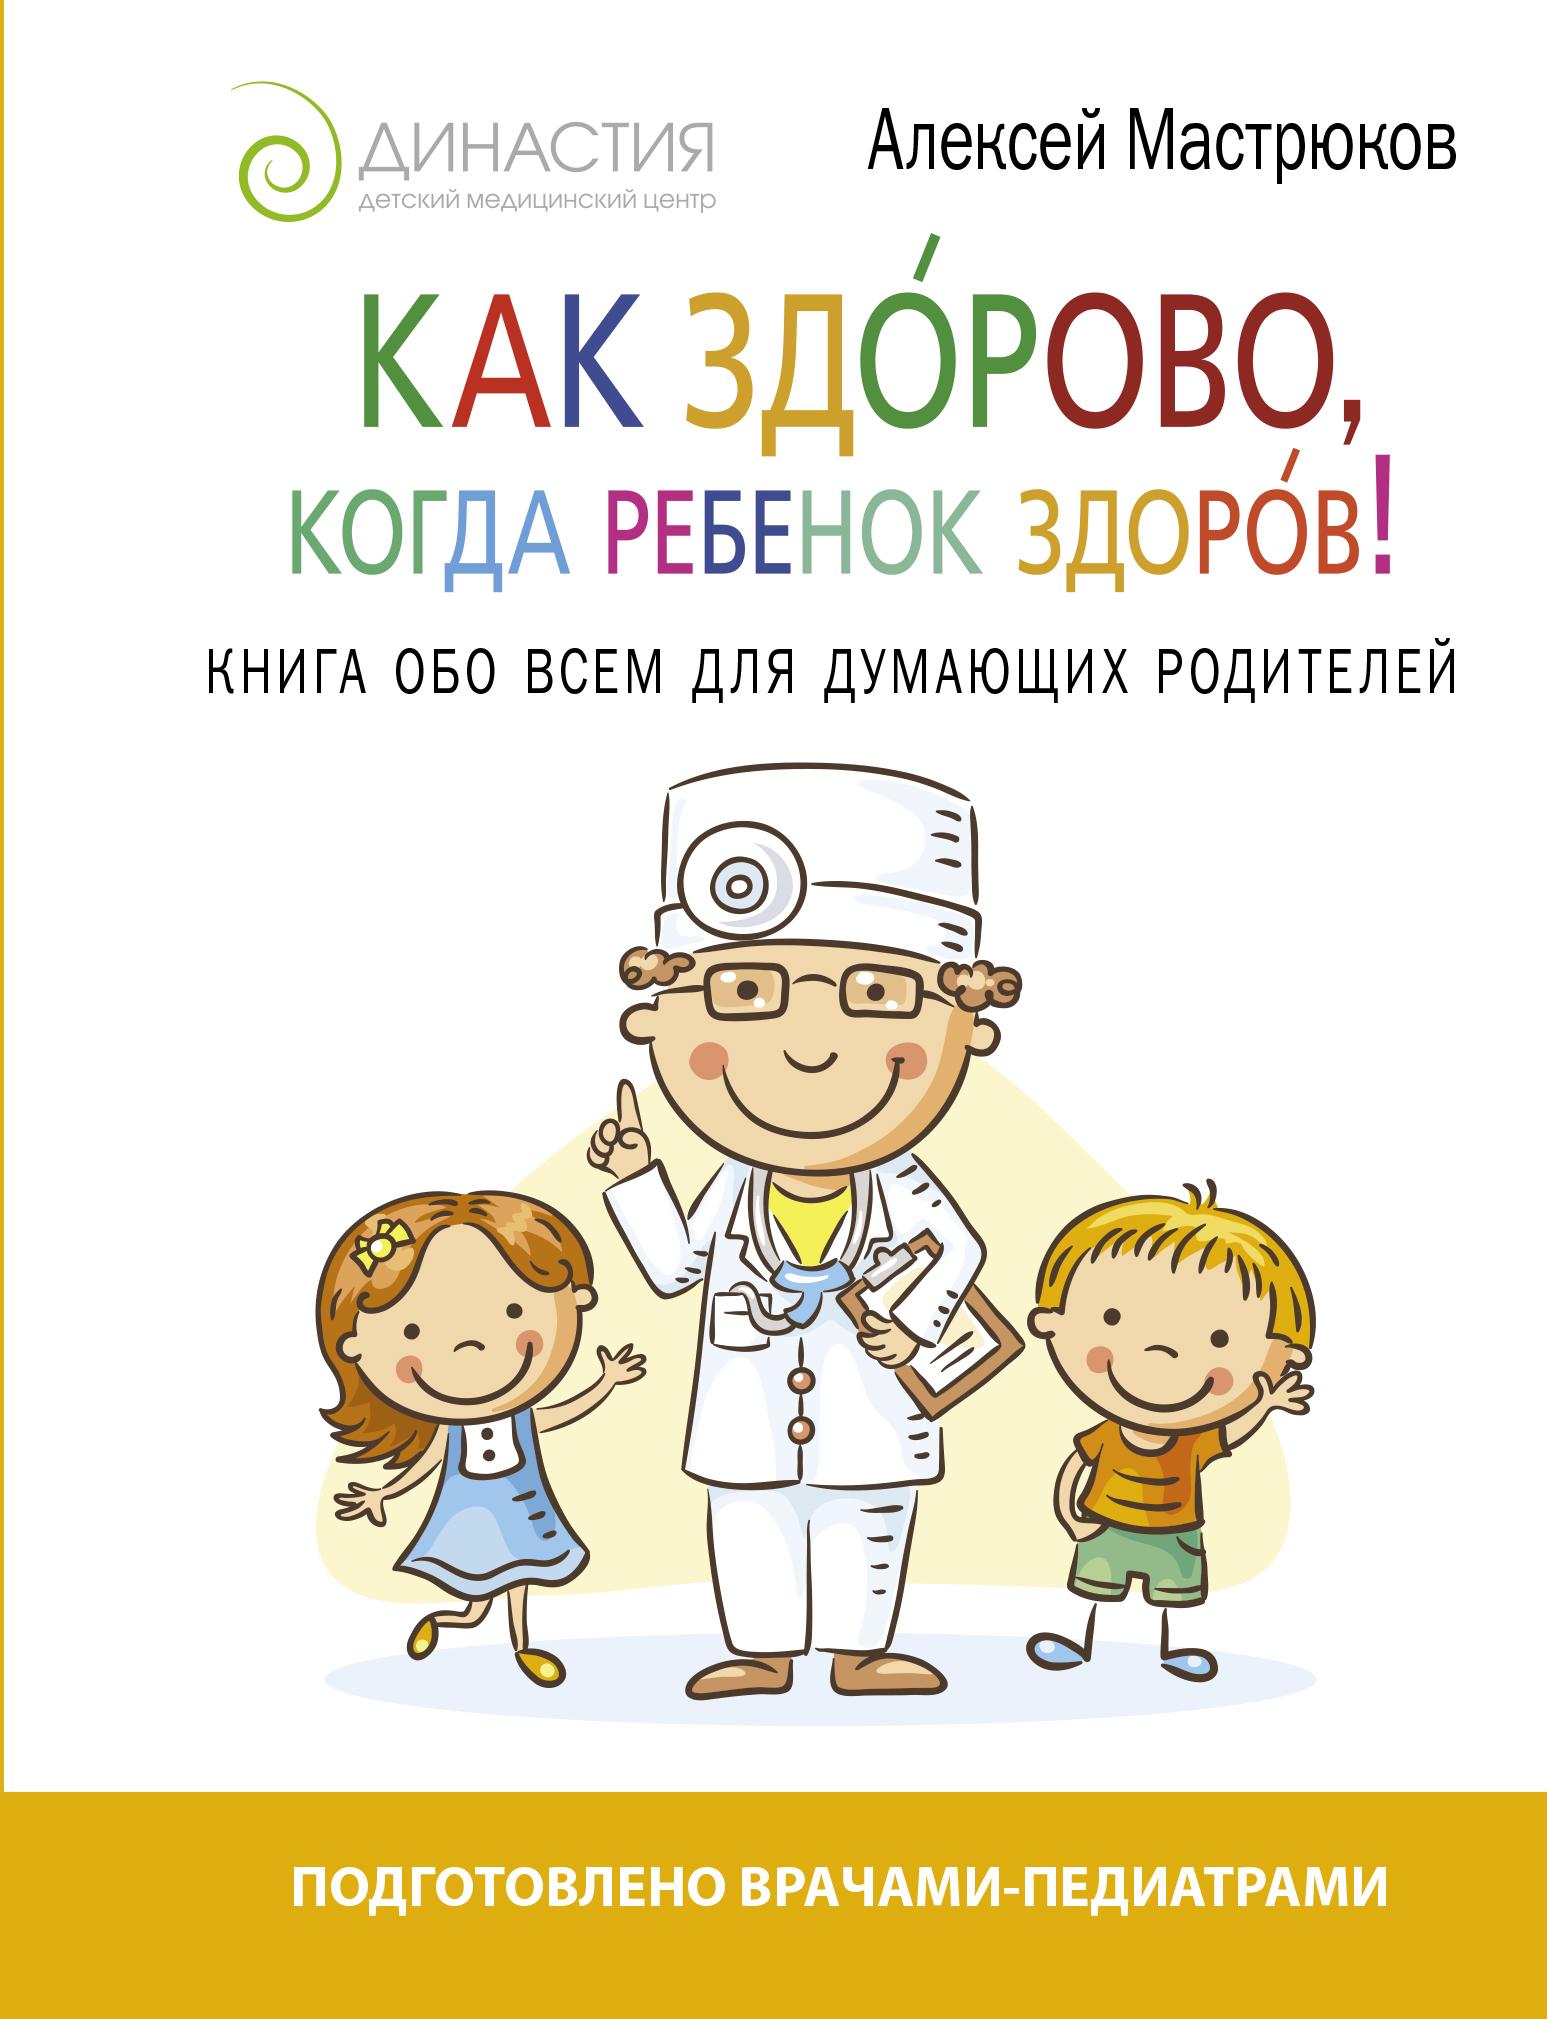 Здоровья малышу картинки, подписать открытку